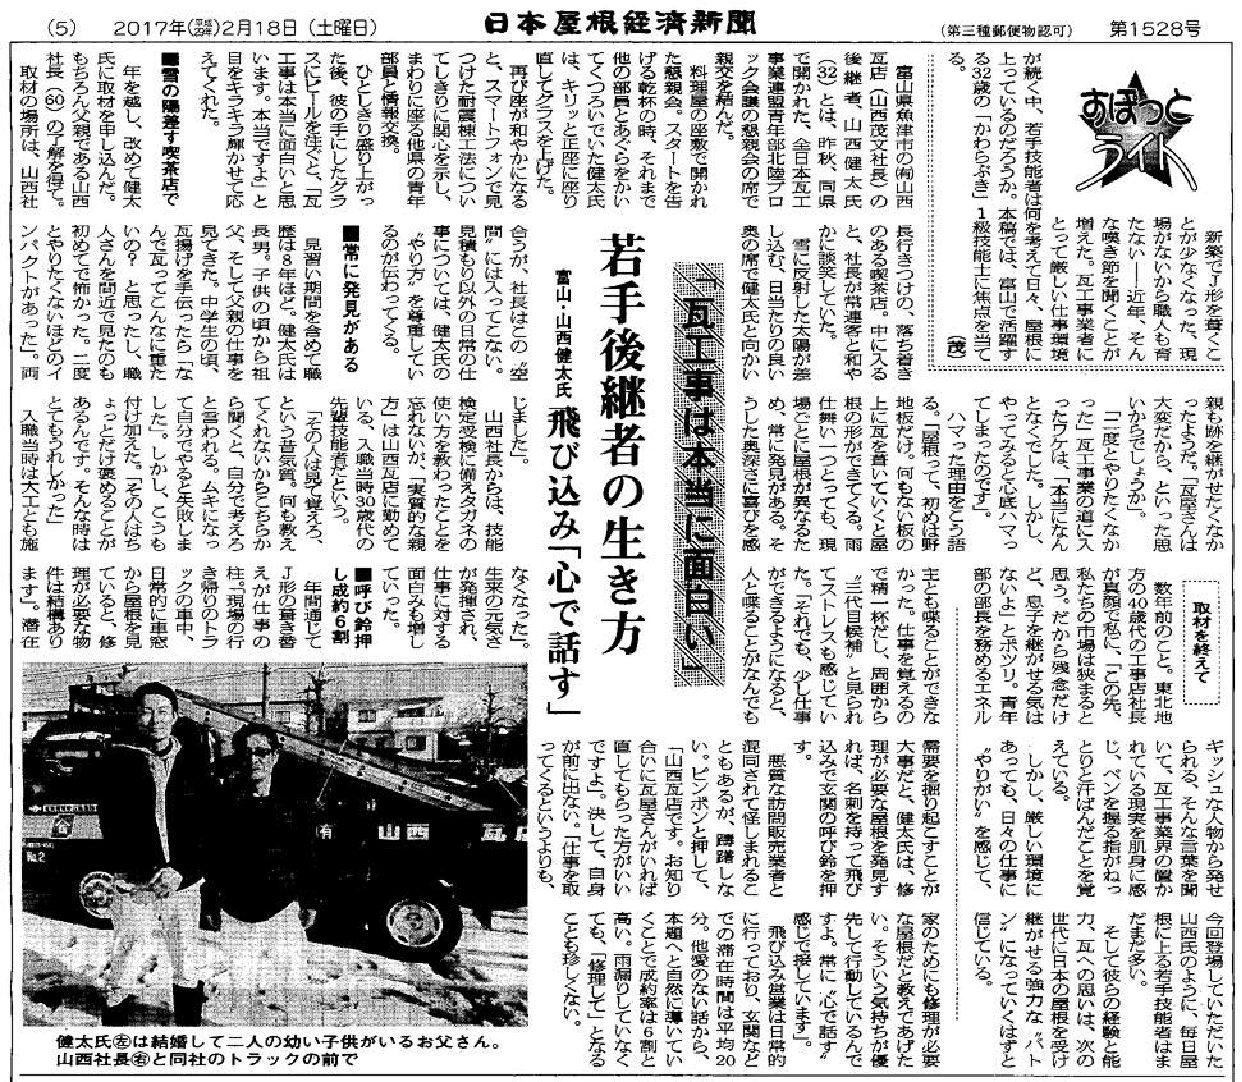 「日本屋根経済新聞」2017年2月18日「すぽっとライト」